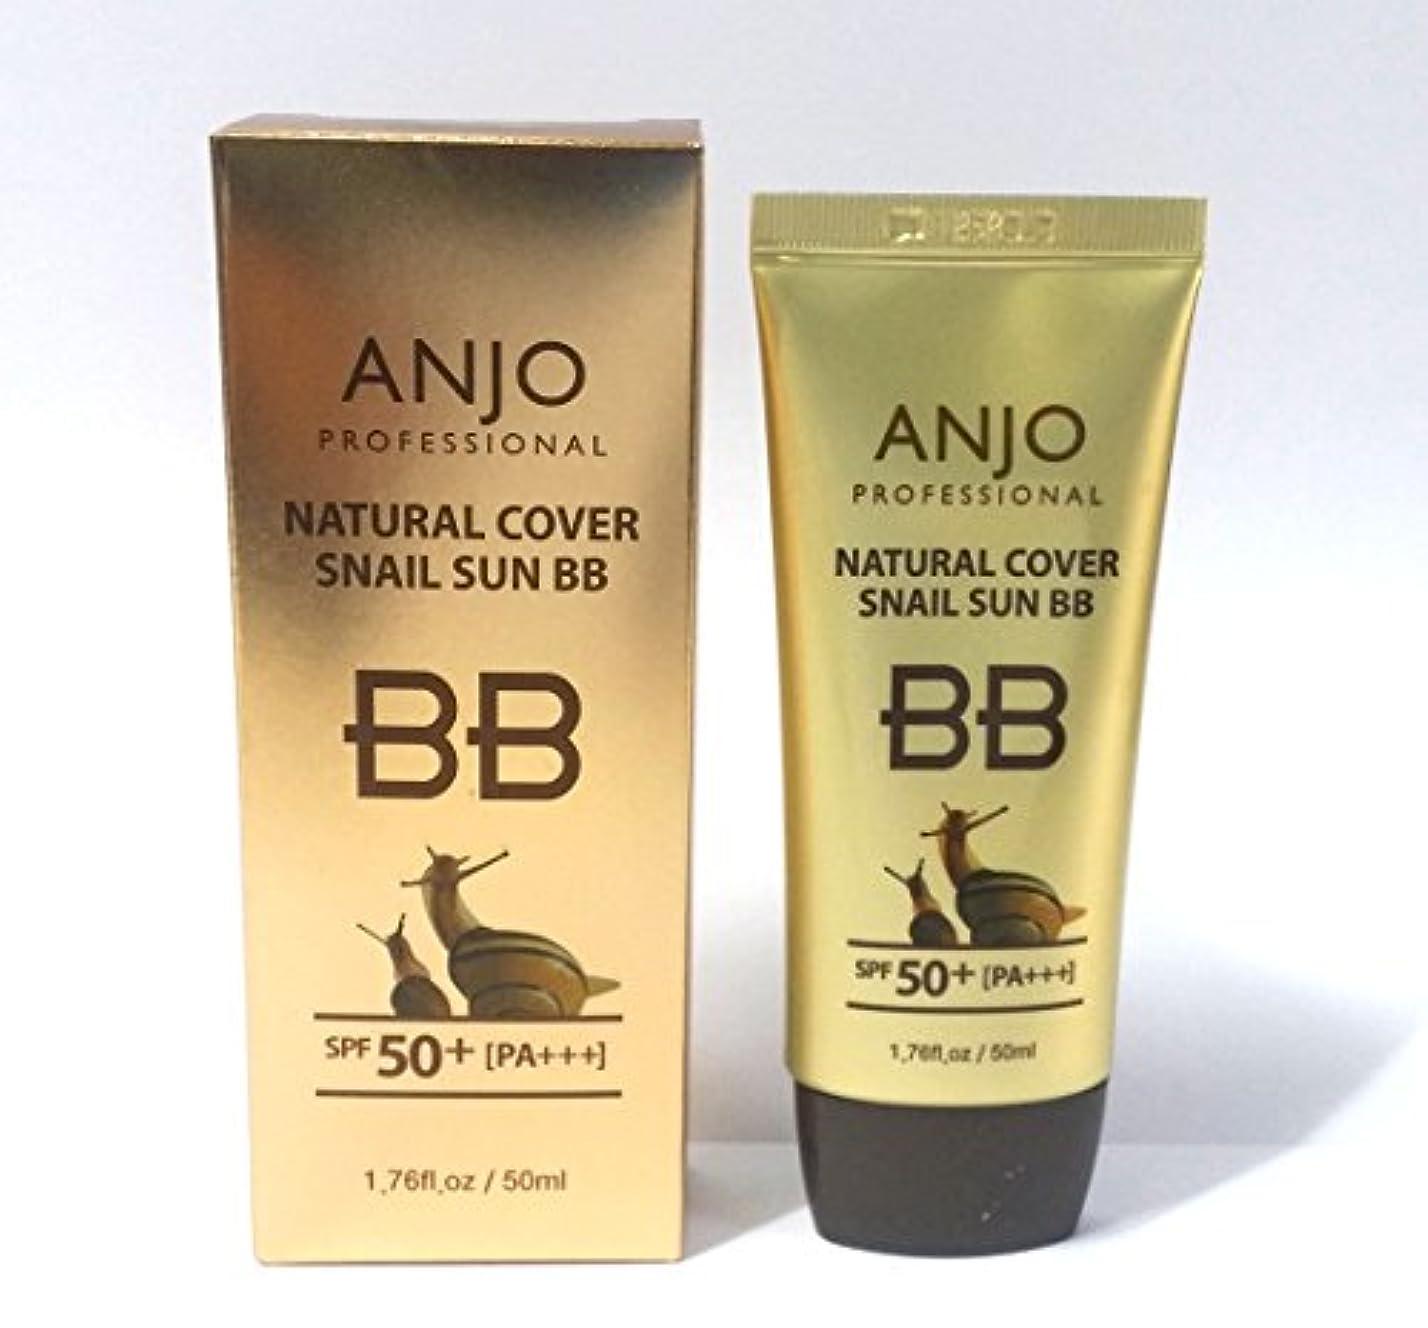 成功した安らぎ下位[ANJO] ナチュラルカバーカタツムリサンBBクリームSPF 50 + PA +++ 50ml X 6EA /メイクアップベース/カタツムリ粘液 / Natural Cover Snail Sun BB Cream SPF...